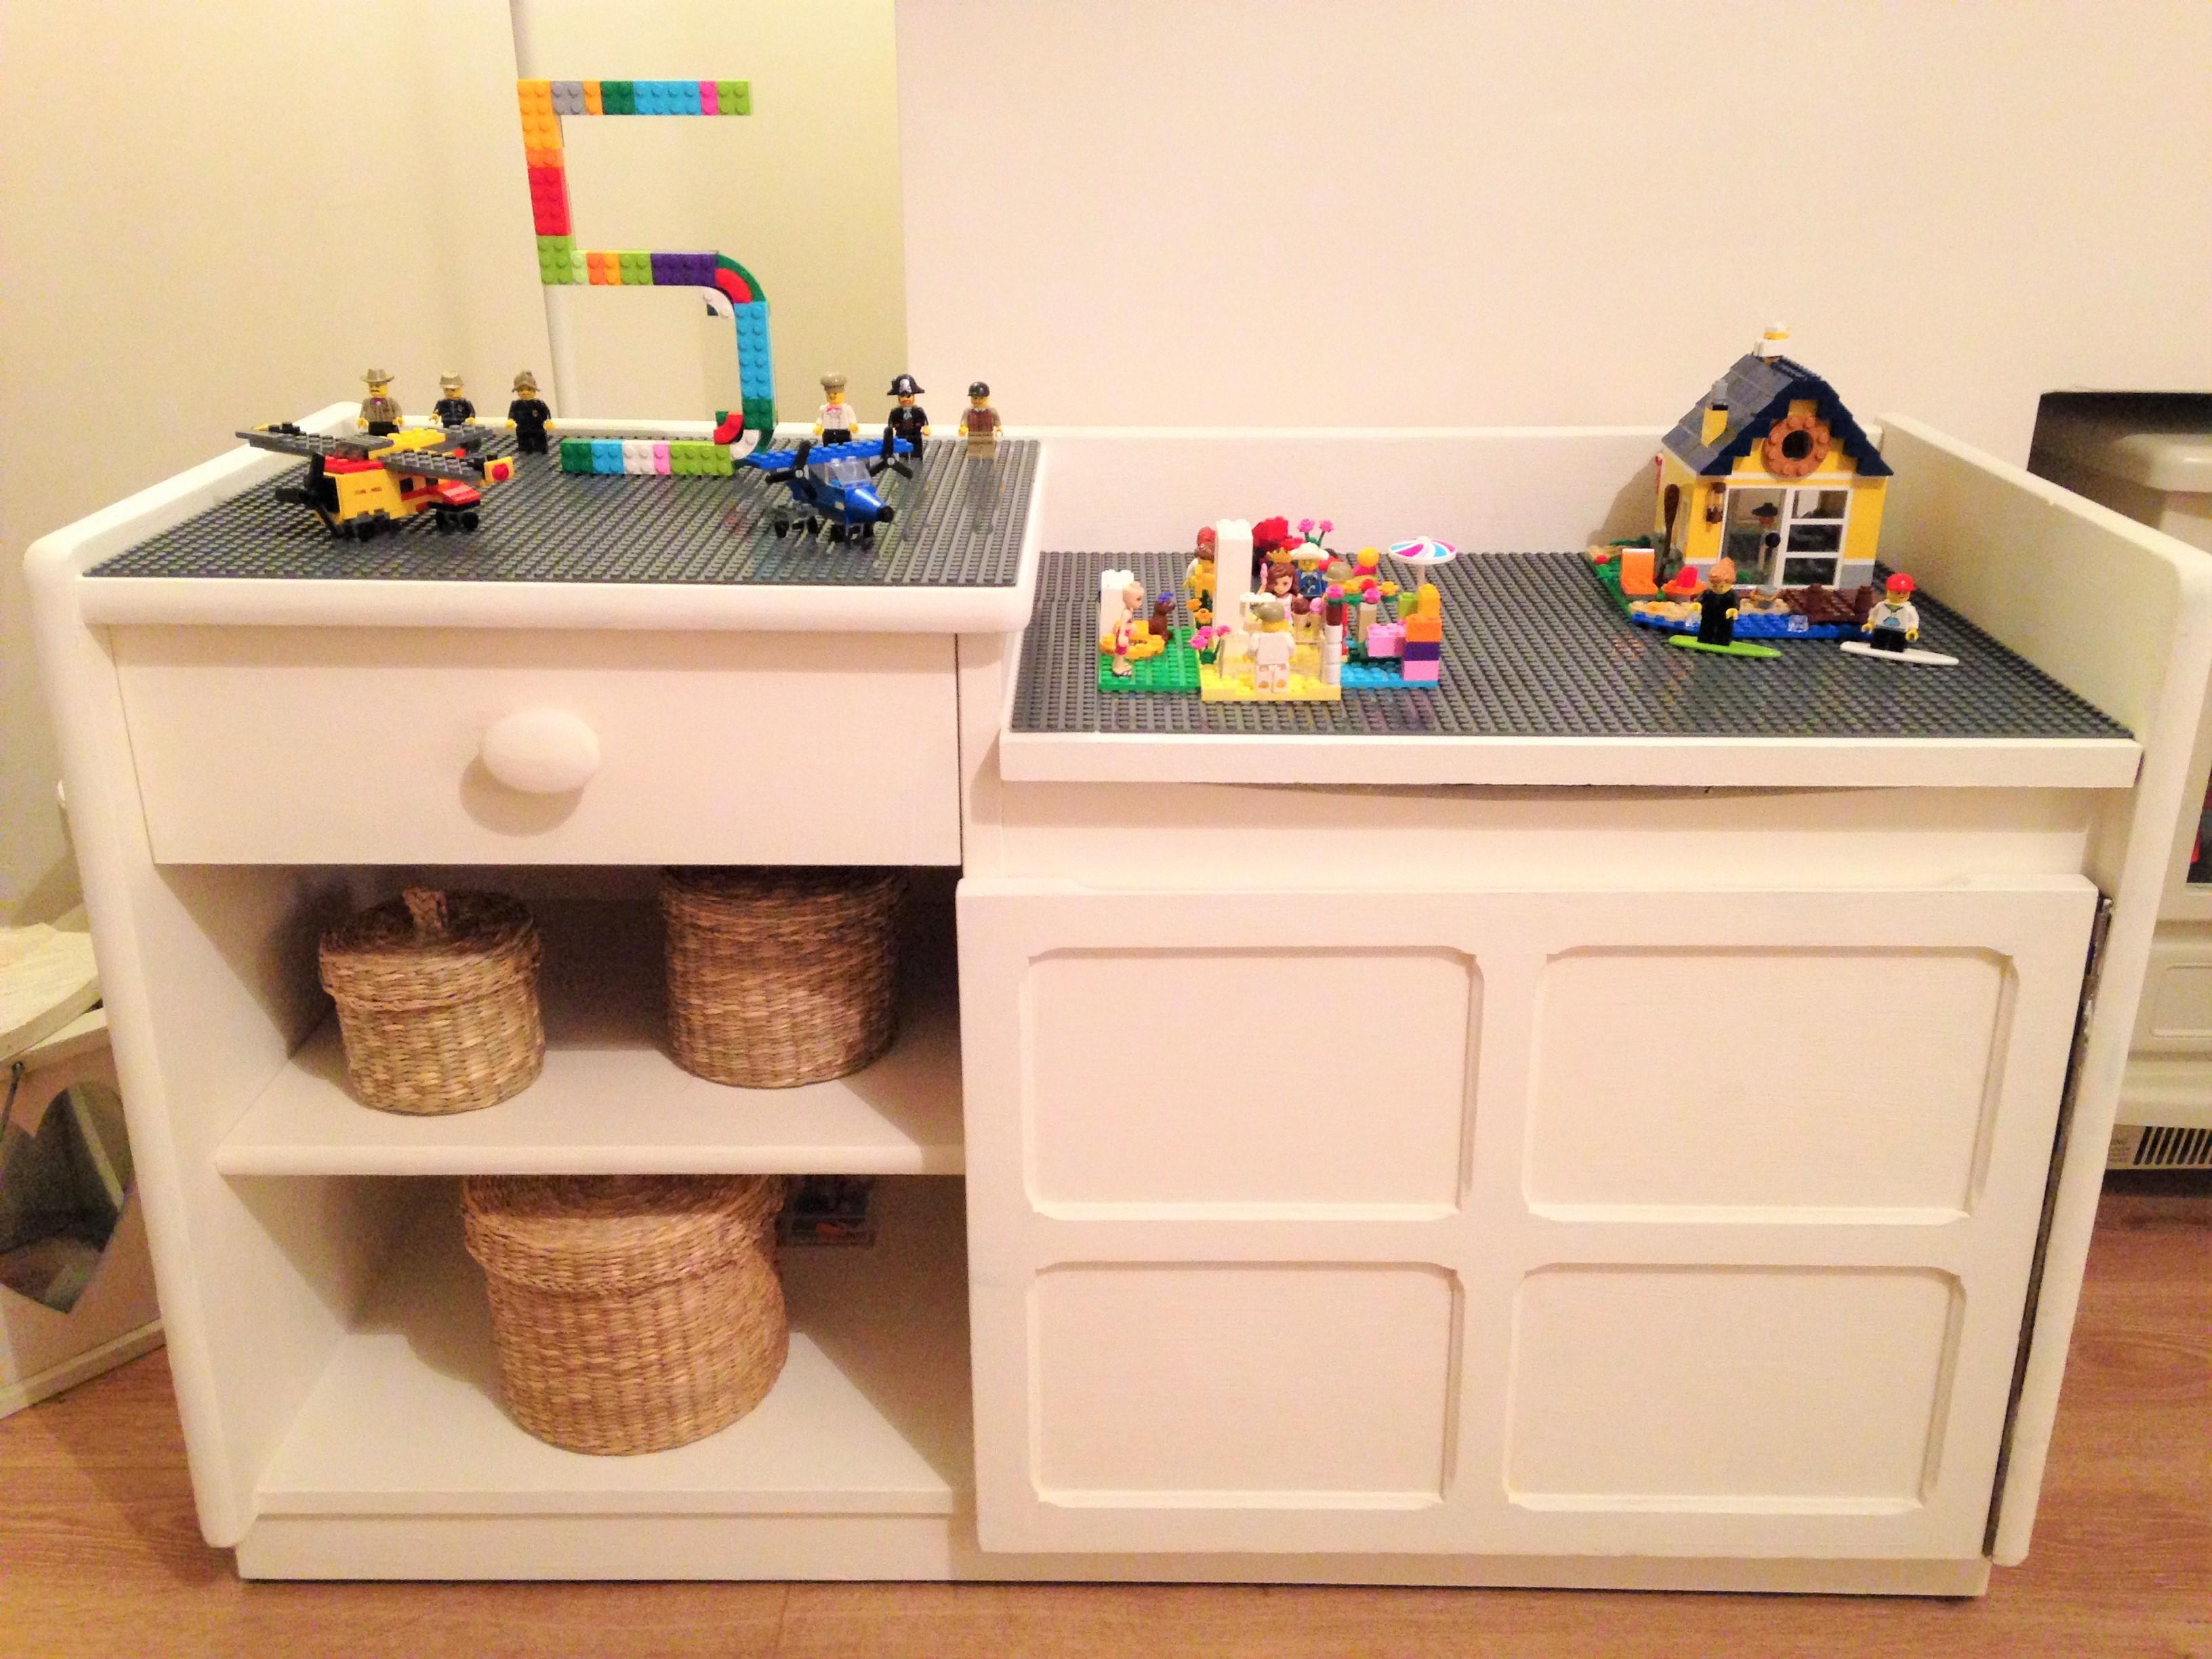 DIY Upcycled Lego Table Lego storage